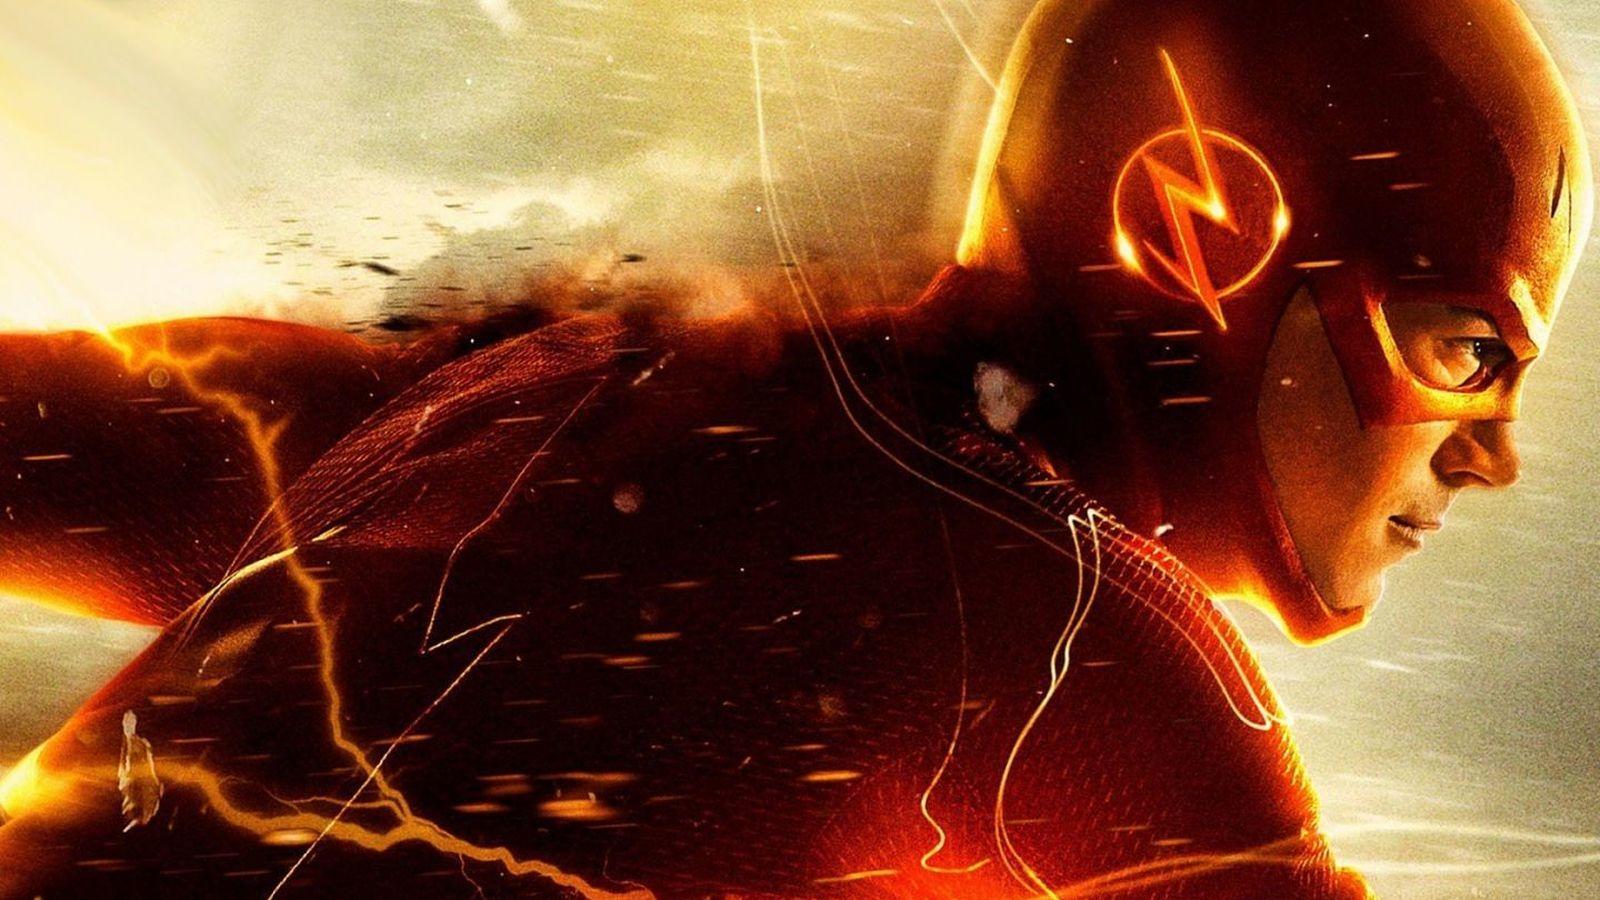 Március 1-től a VIASAT3 műsorán is követheted Flash kalandjait. Már a sorozat első része is tele van izgalmas rejtett utalásokkal, amik nem csak a képregény rajongóinak jelentenek valódi csemegét. Íme egy kis kedvcsináló, amiből kiderül, hogy A Villámot tényleg kár lenne kihagyni! (The CW)